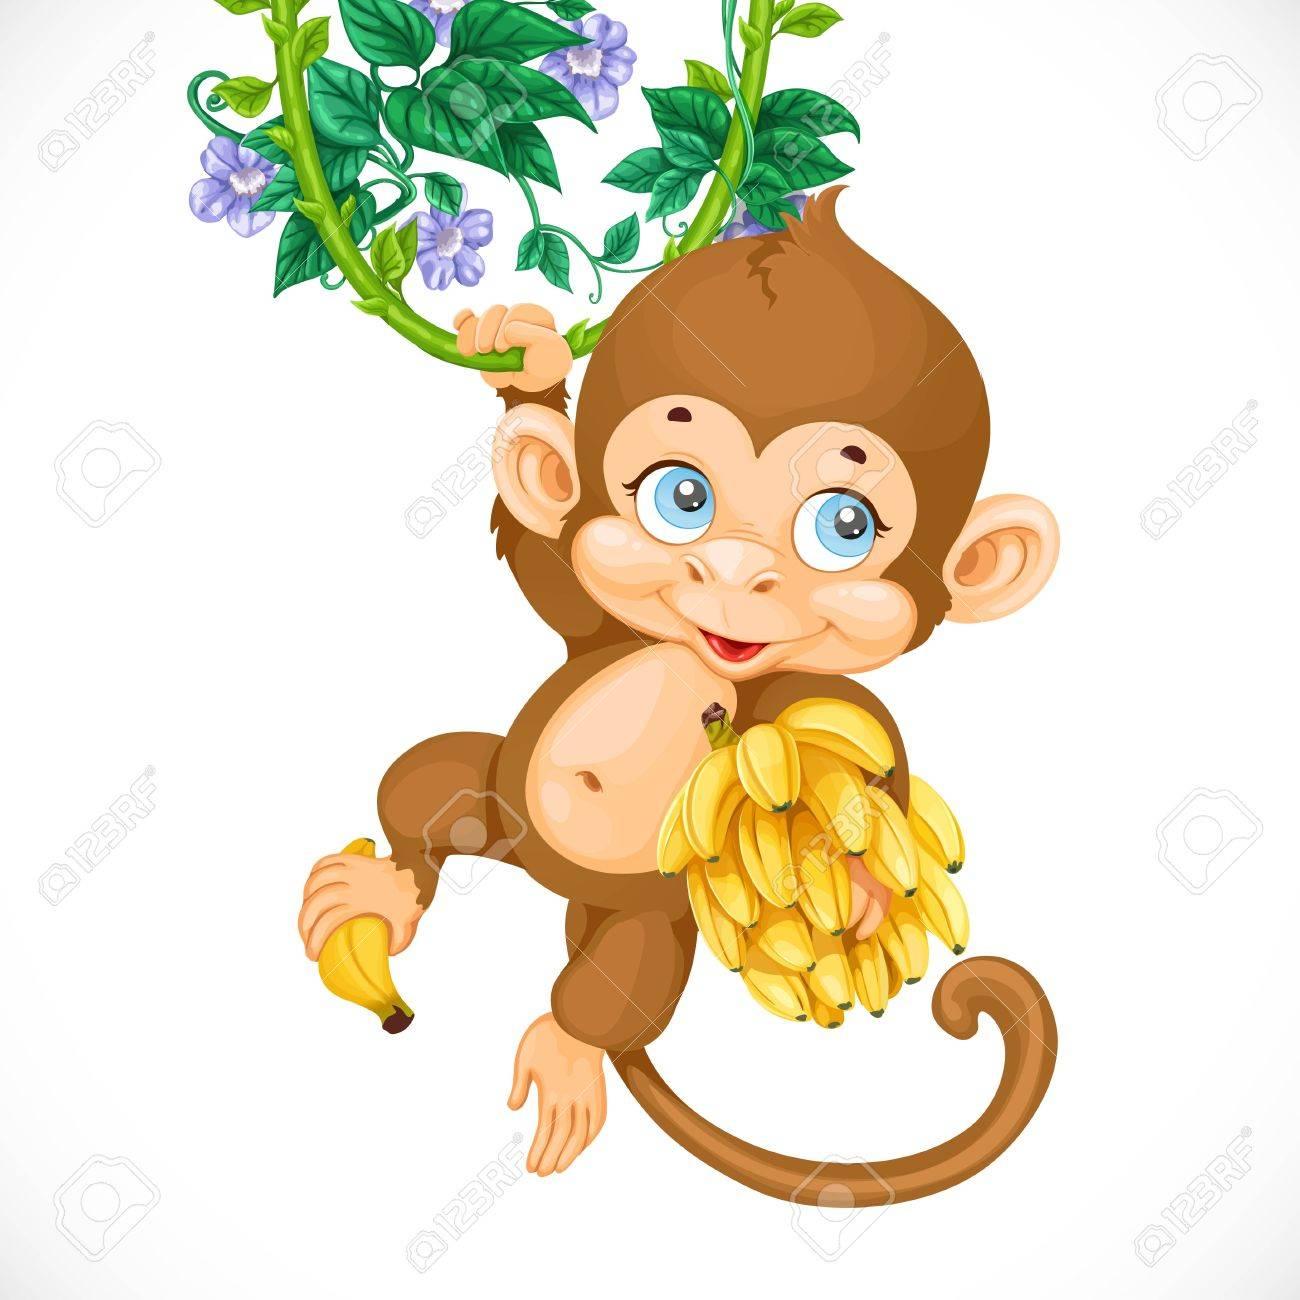 Mono Lindo Del Bebé Con El Plátano Aislado En Un Fondo Blanco ...